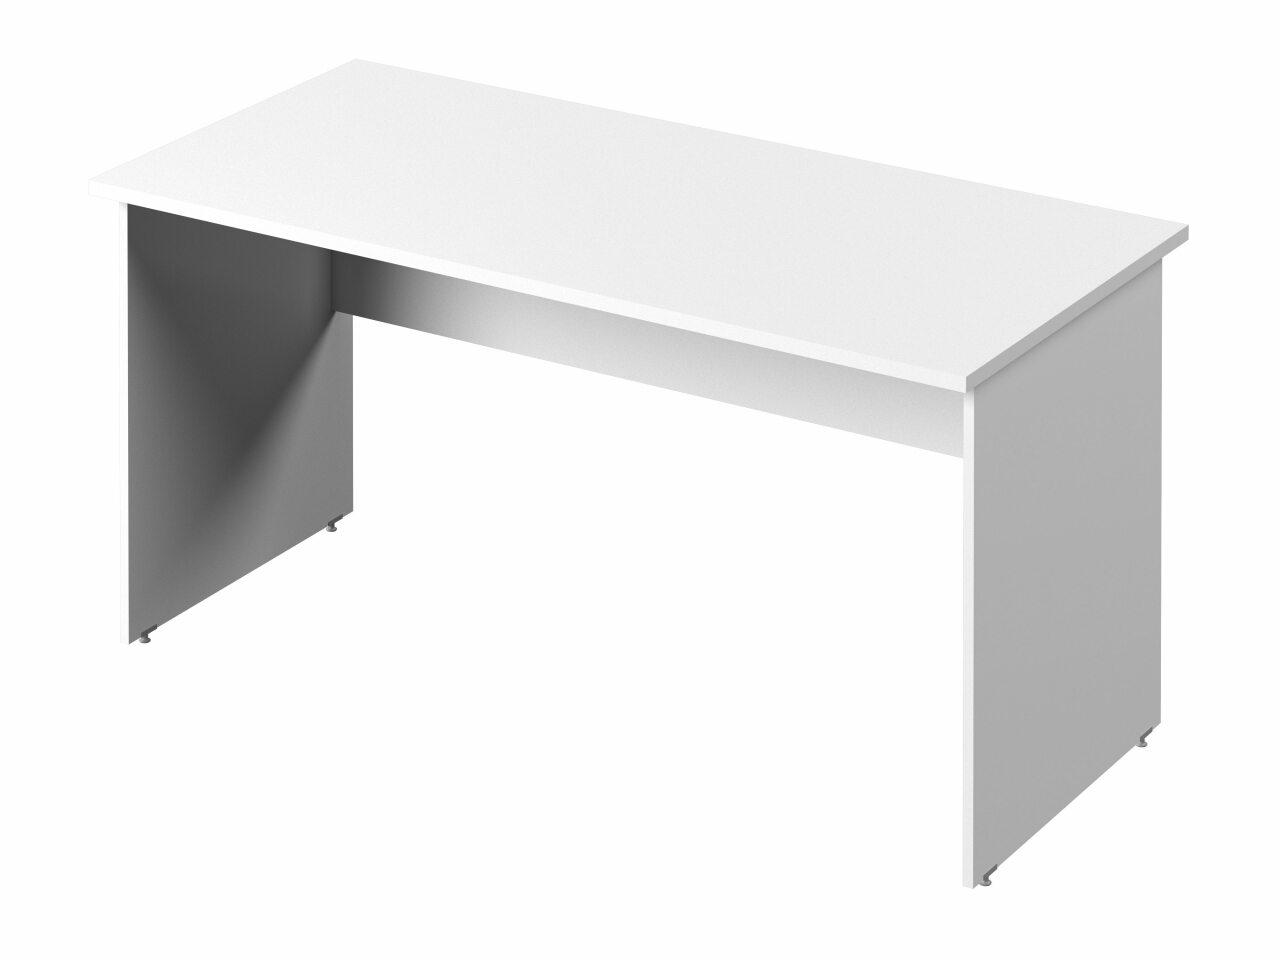 Стол прямой с опорами из ЛДСП - фото 1